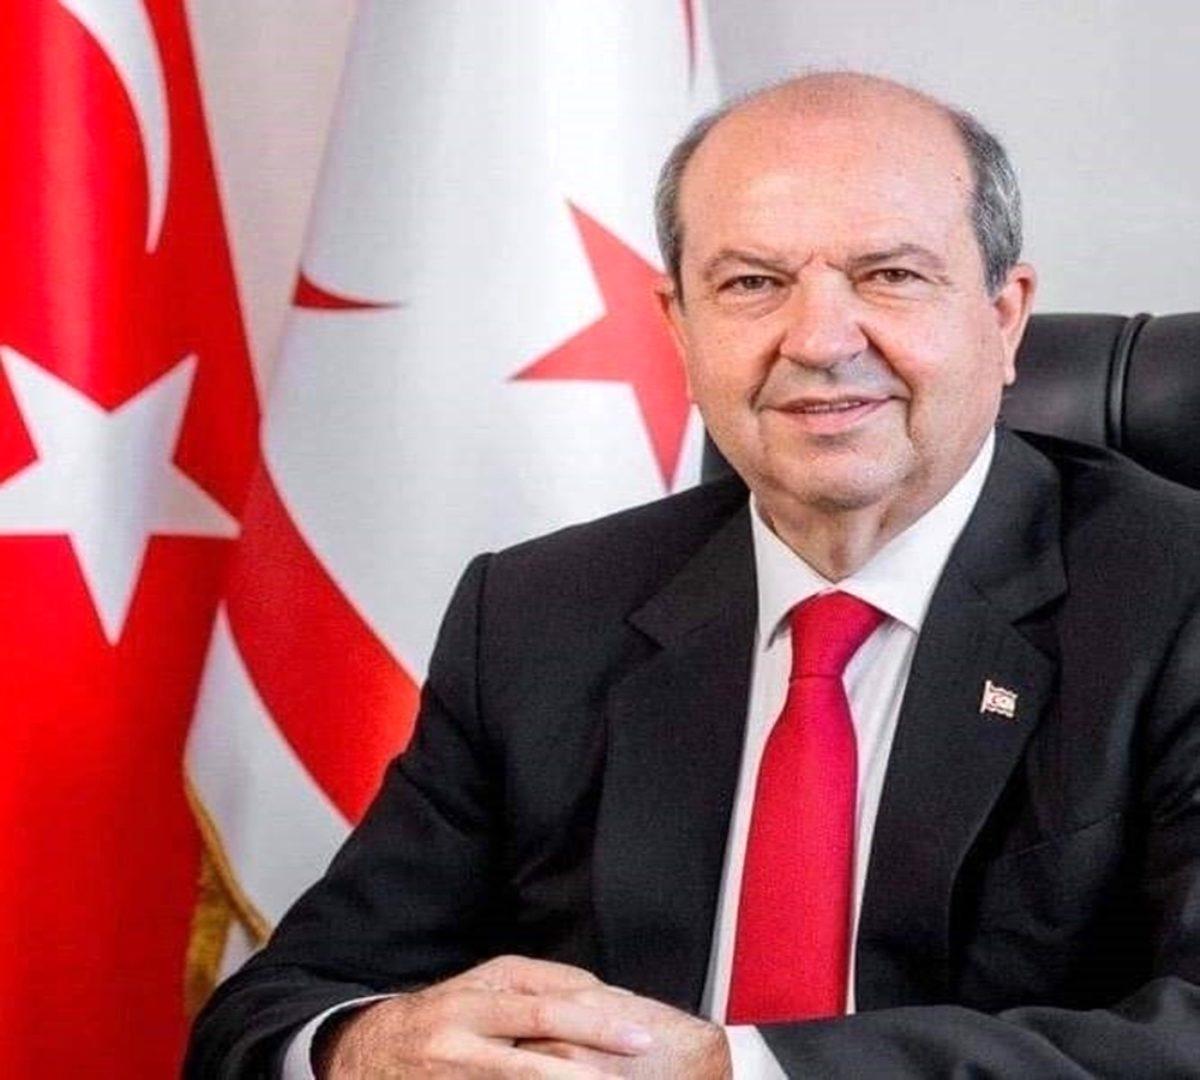 KKTC Cumhurbaşkanı Ersin Tatar'dan Cumhurbaşkanı Erdoğan'a geçmiş olsun telefonu Açıklaması